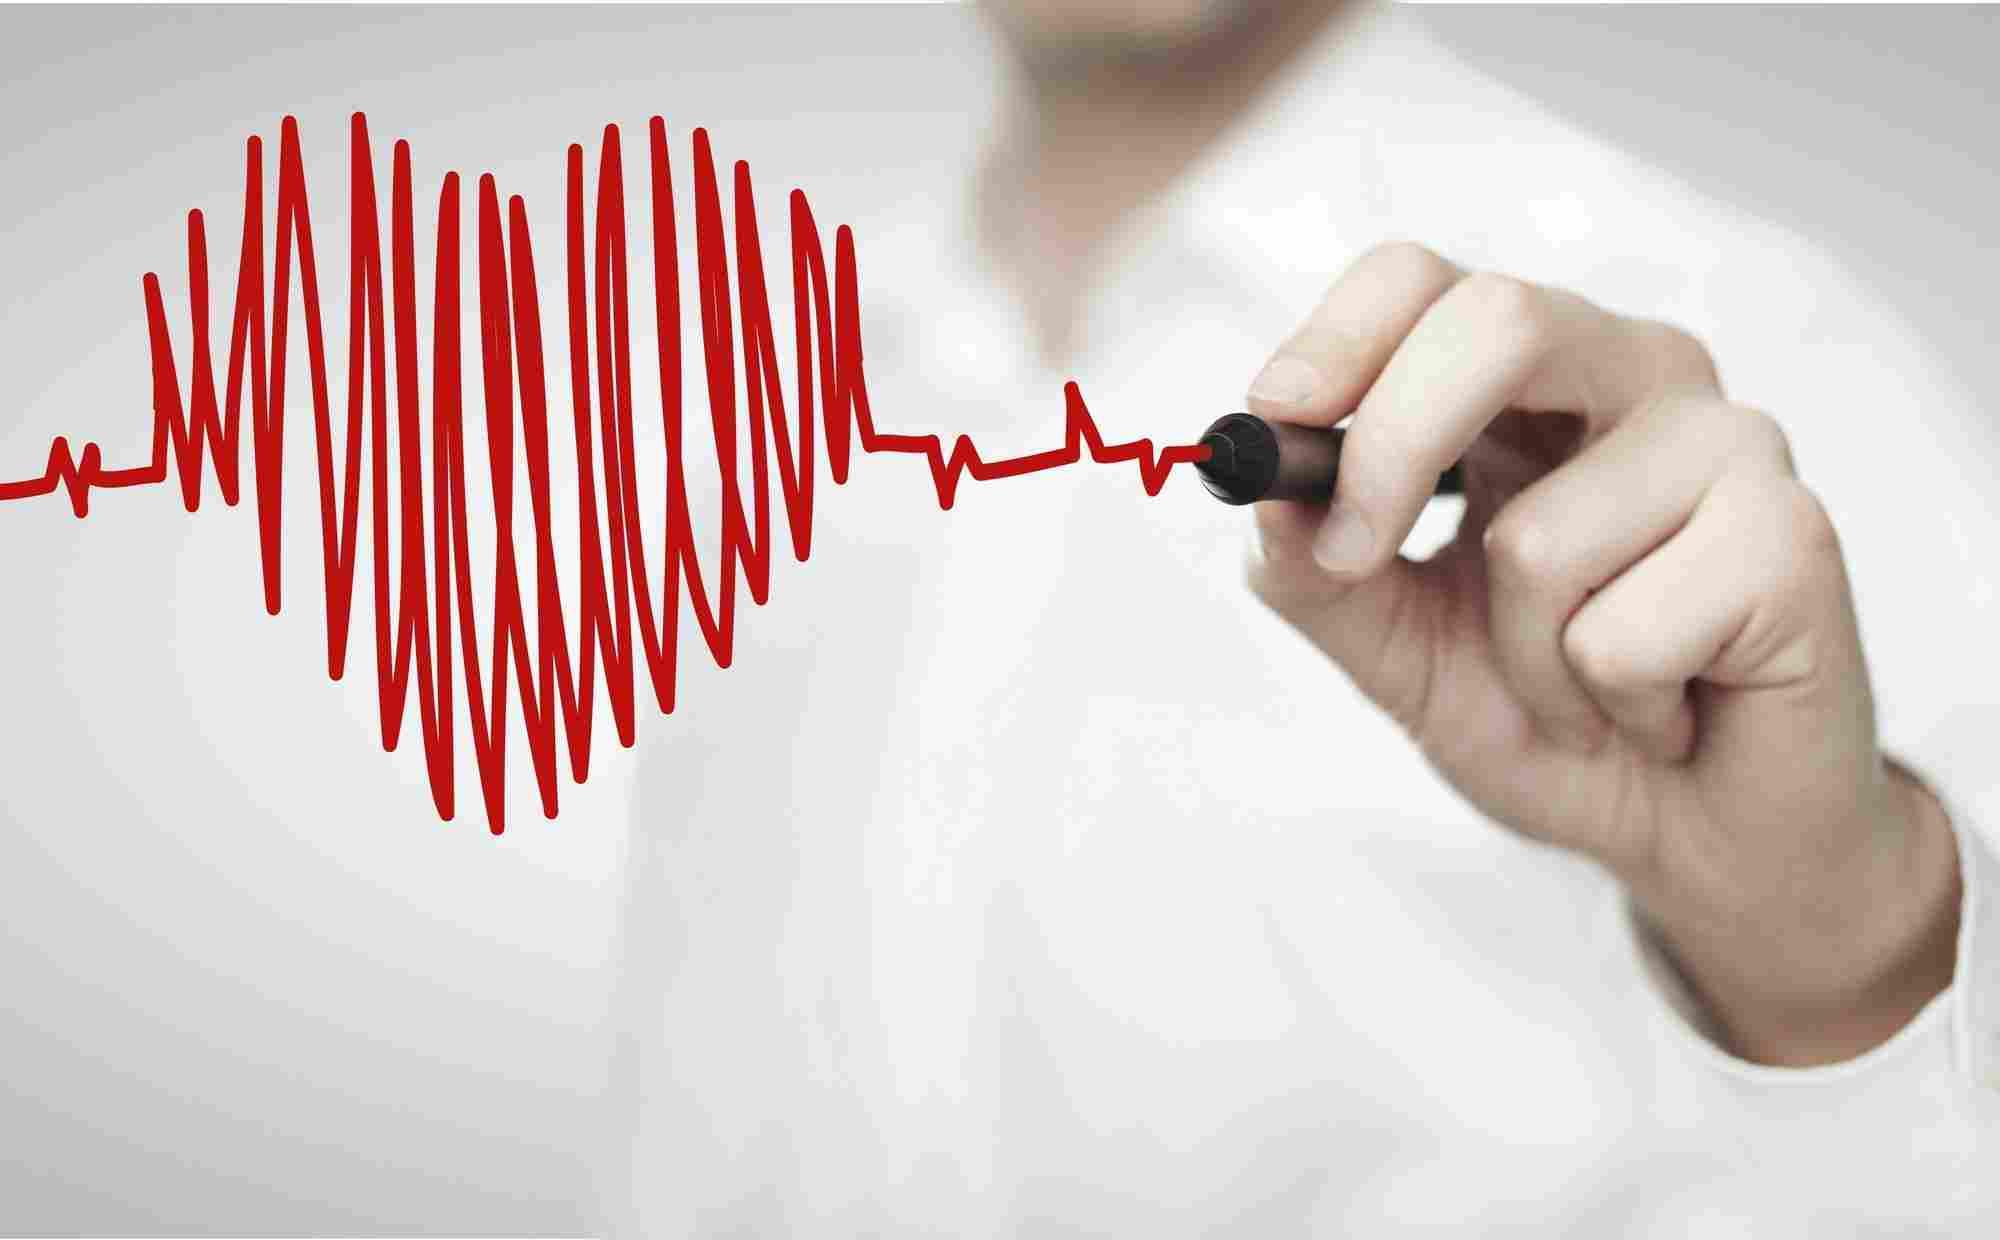 http://www.er-med.pila.pl/wp-content/uploads/2015/12/heart-health-1.jpg